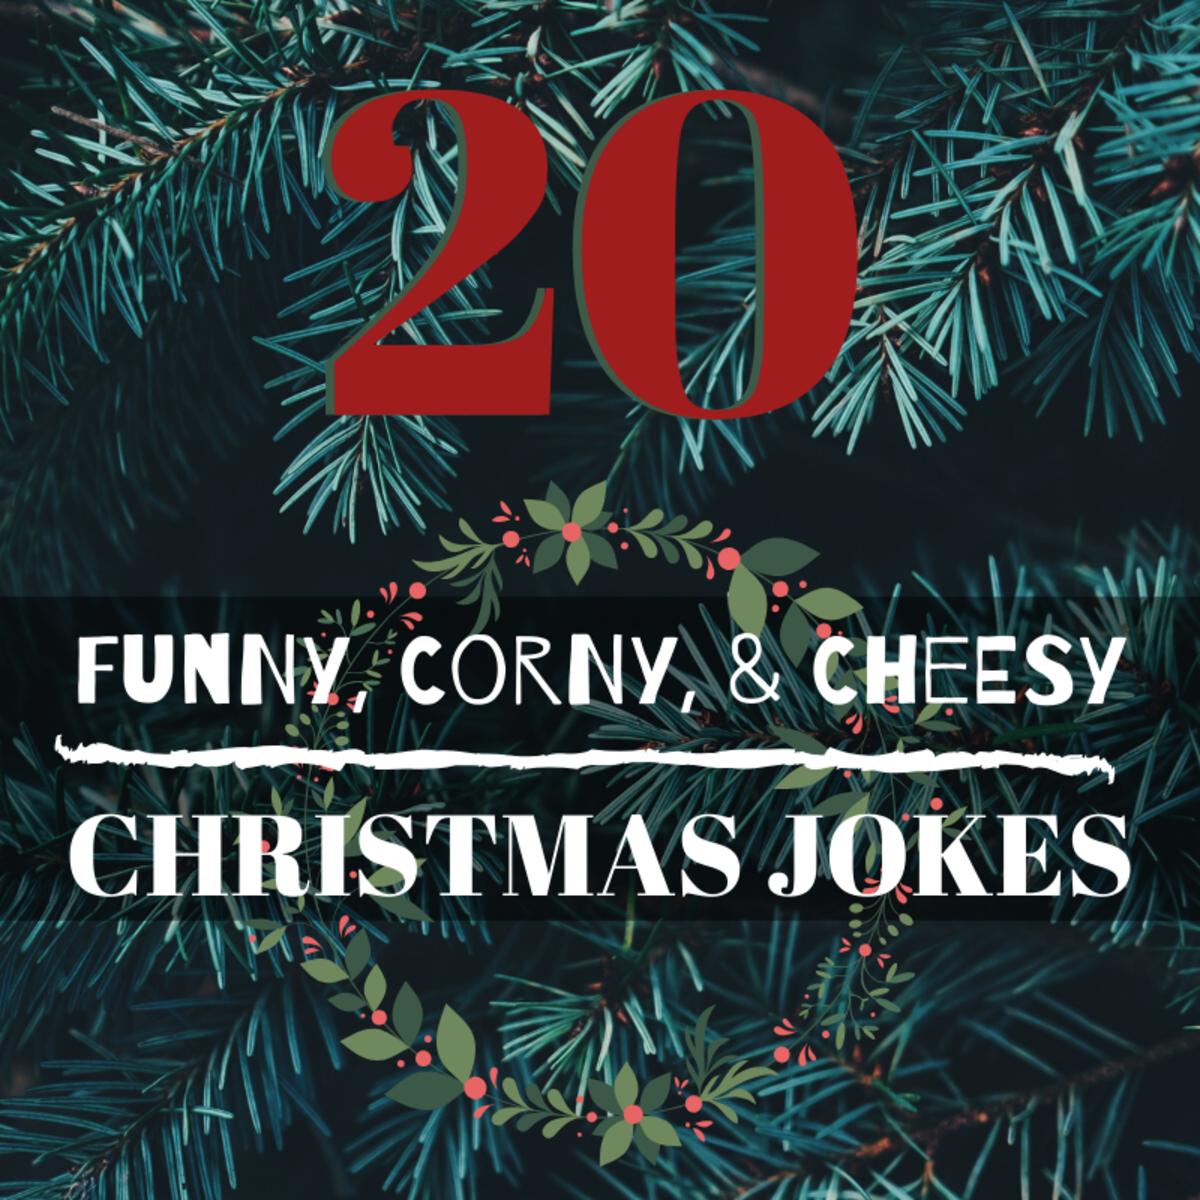 20 Funny, Corny, and Cheesy Christmas Jokes